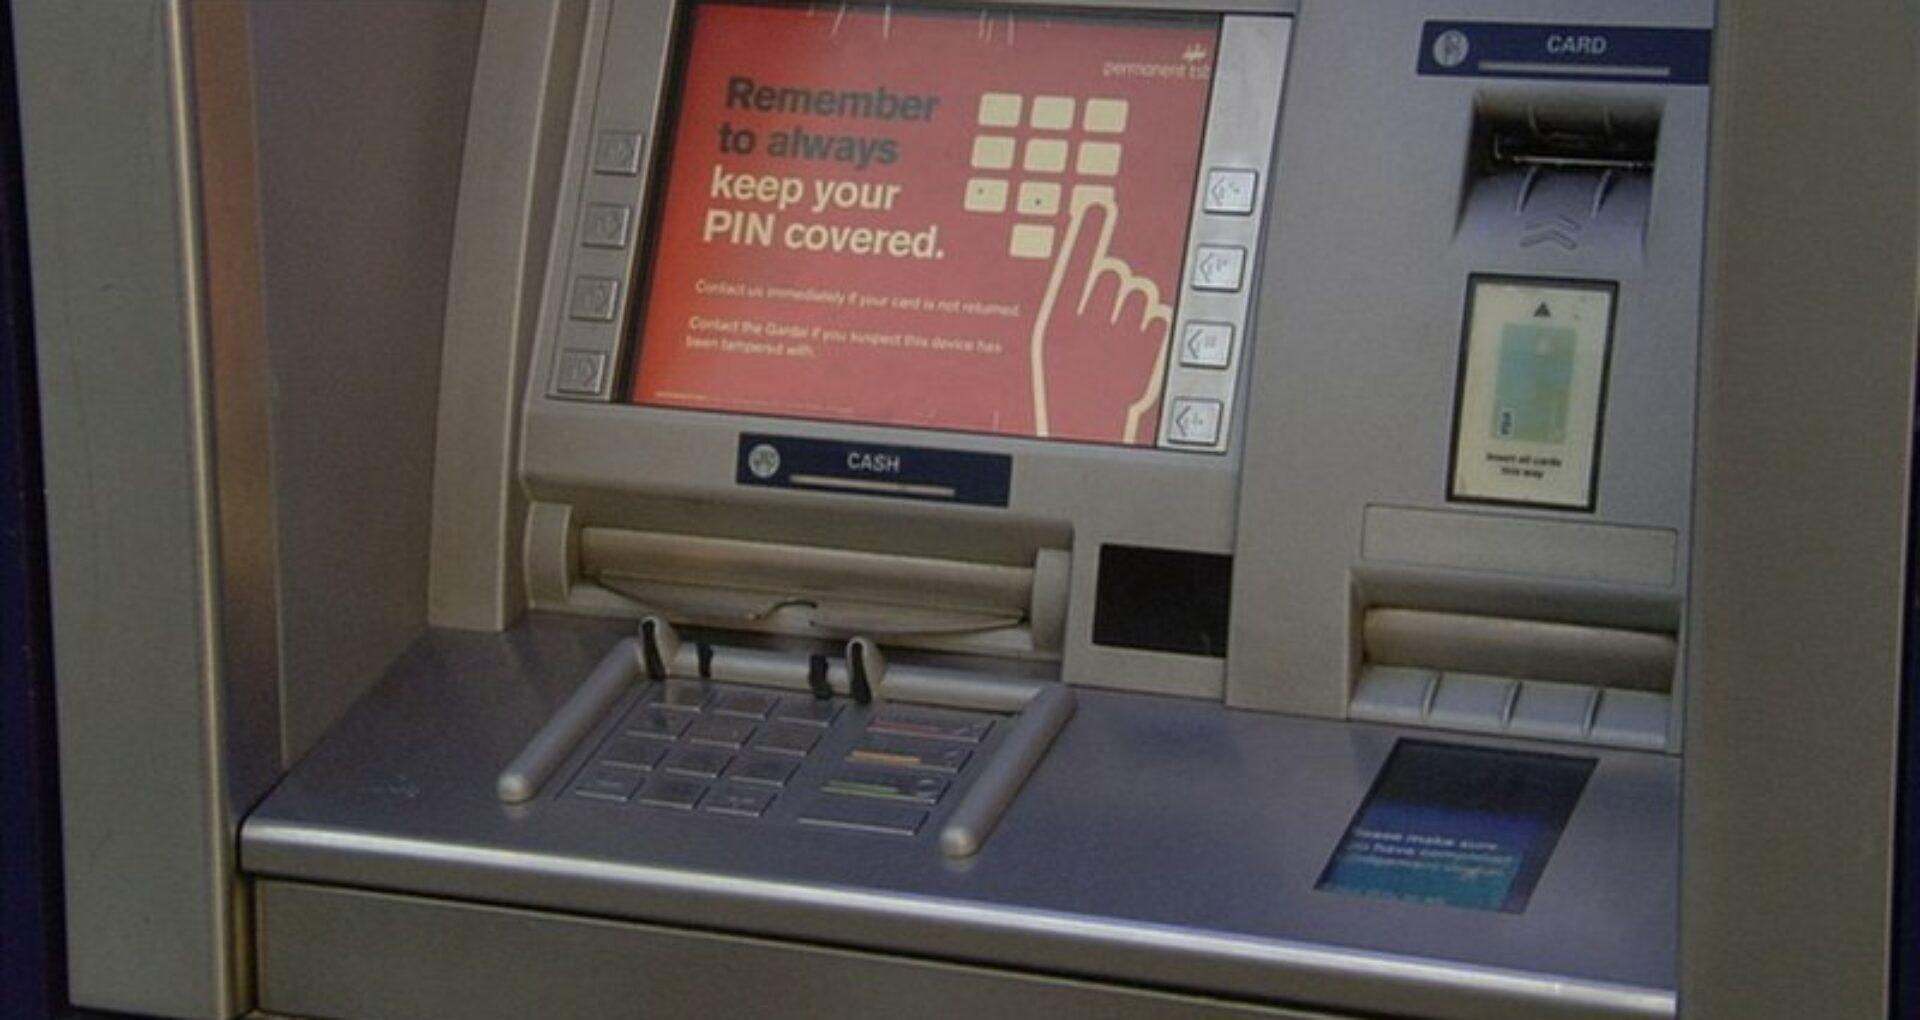 Doi cetățeni ai R. Moldova, acuzați în Irlanda pentru utilizarea dispozitivelor de copiere a datelor de pe bancomate